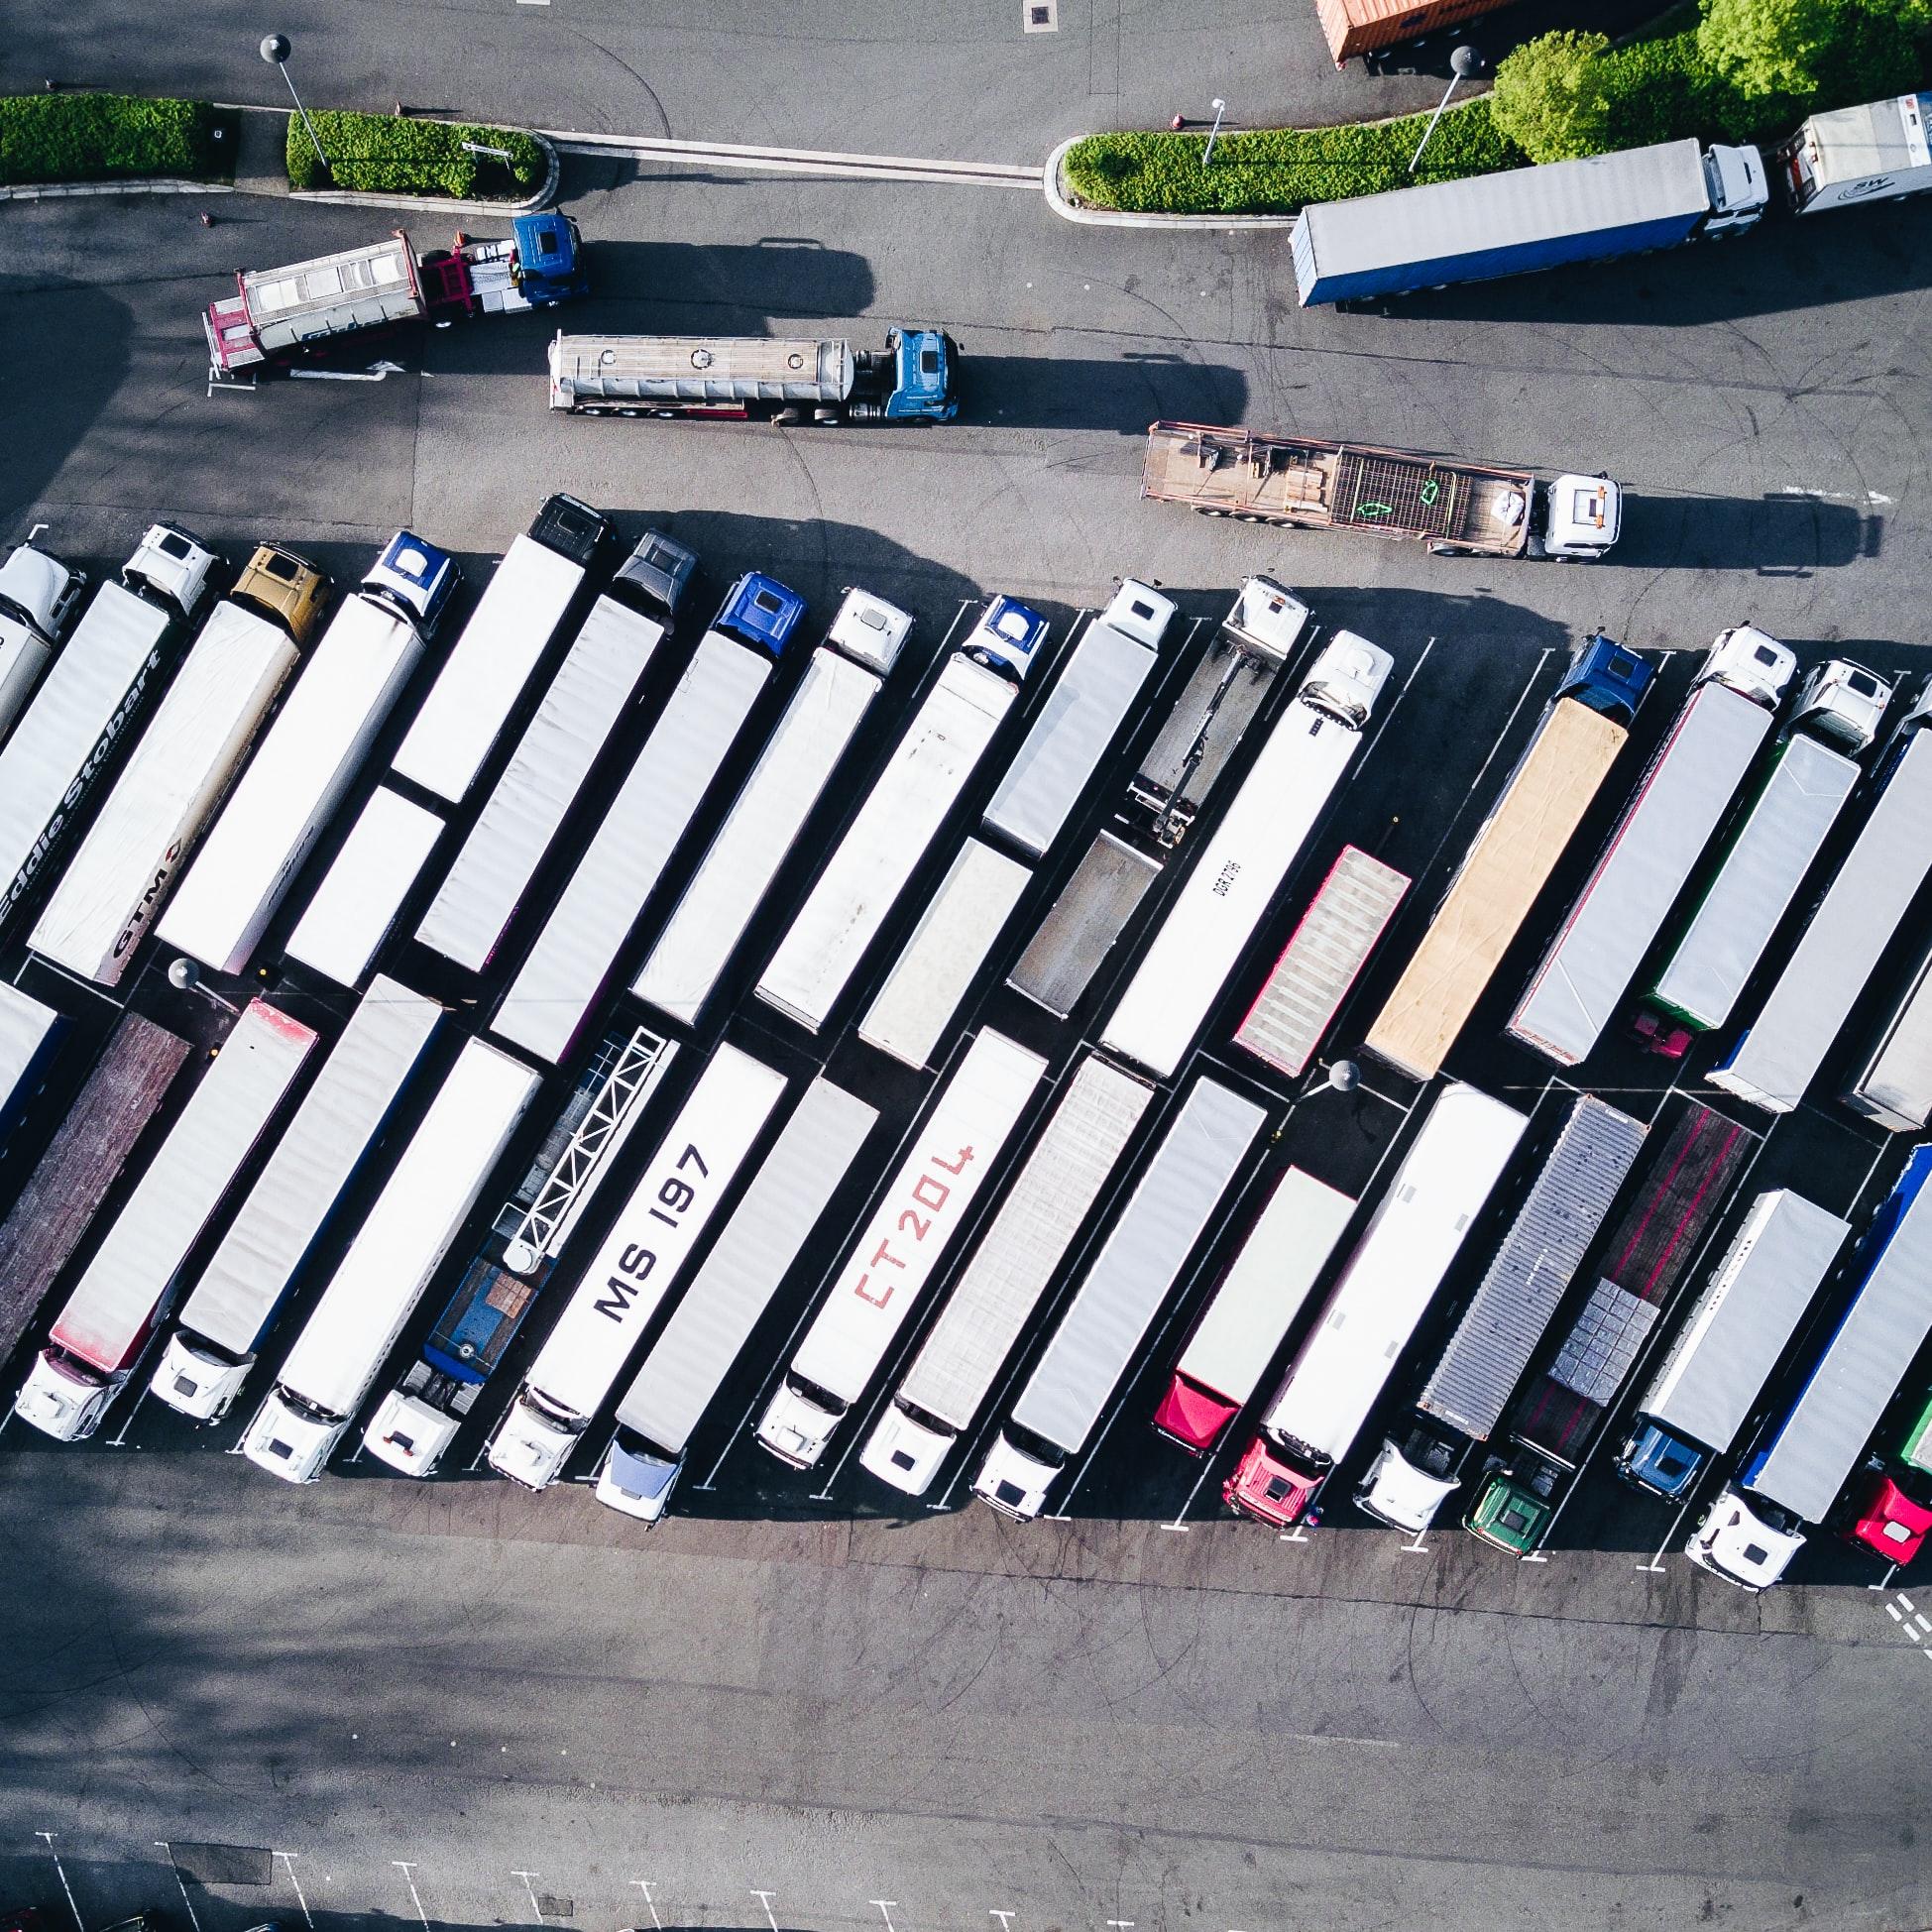 géolocalisation de la flotte de camions